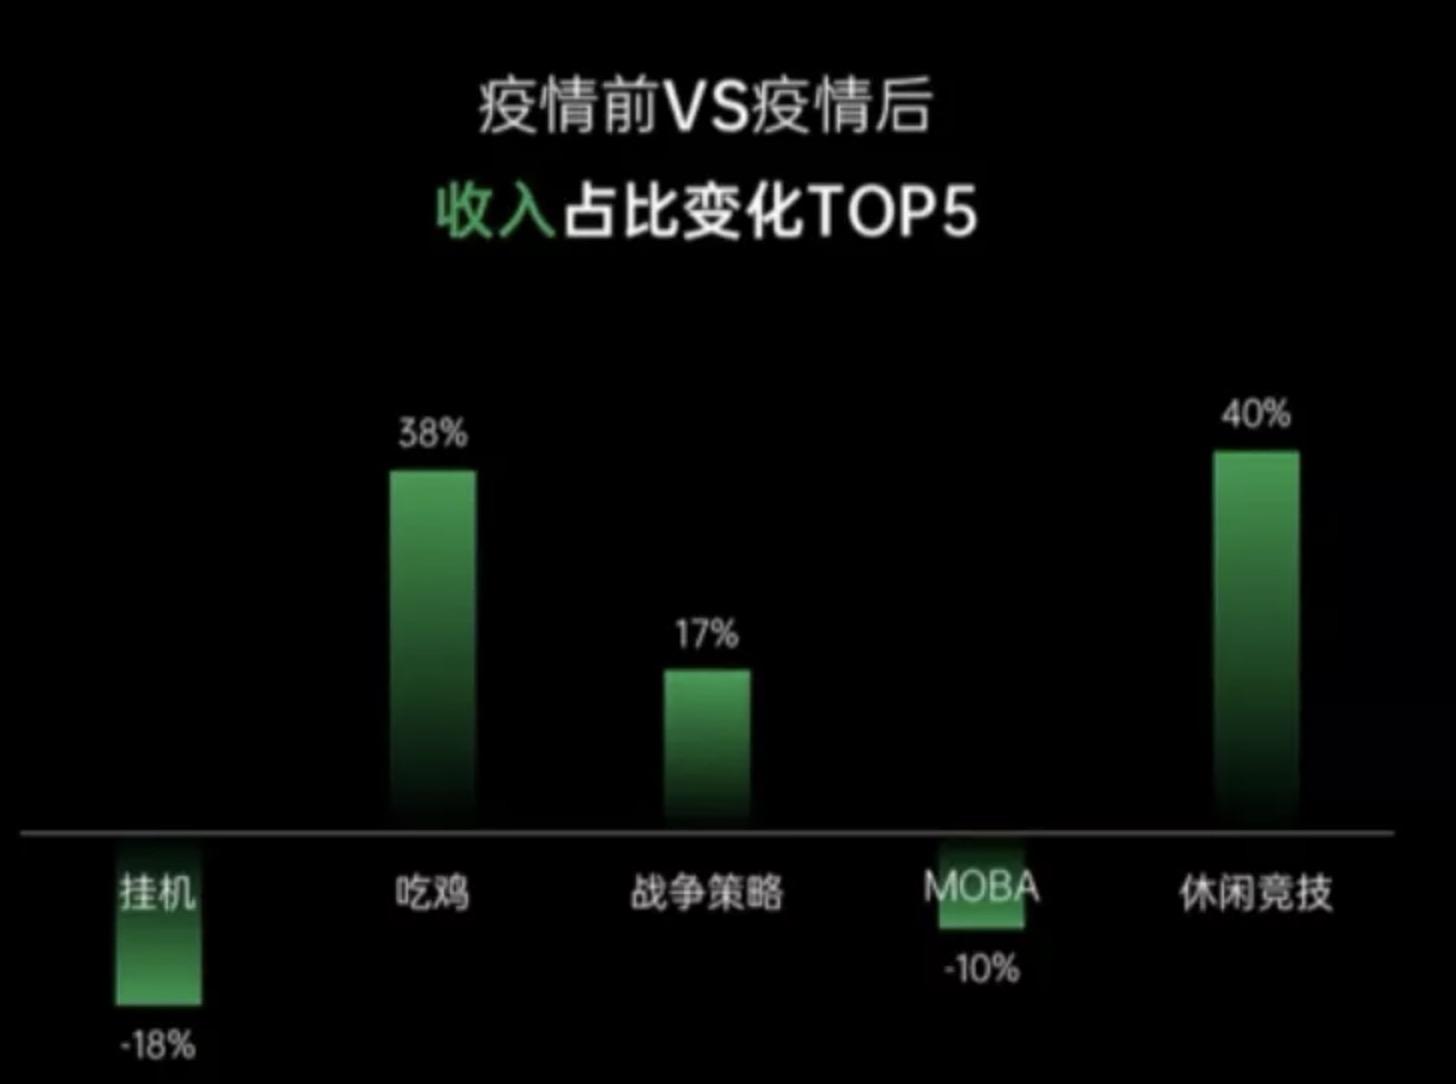 逆风生长!OPPO游戏收入增长13% MAU破1.1亿-Gamewower